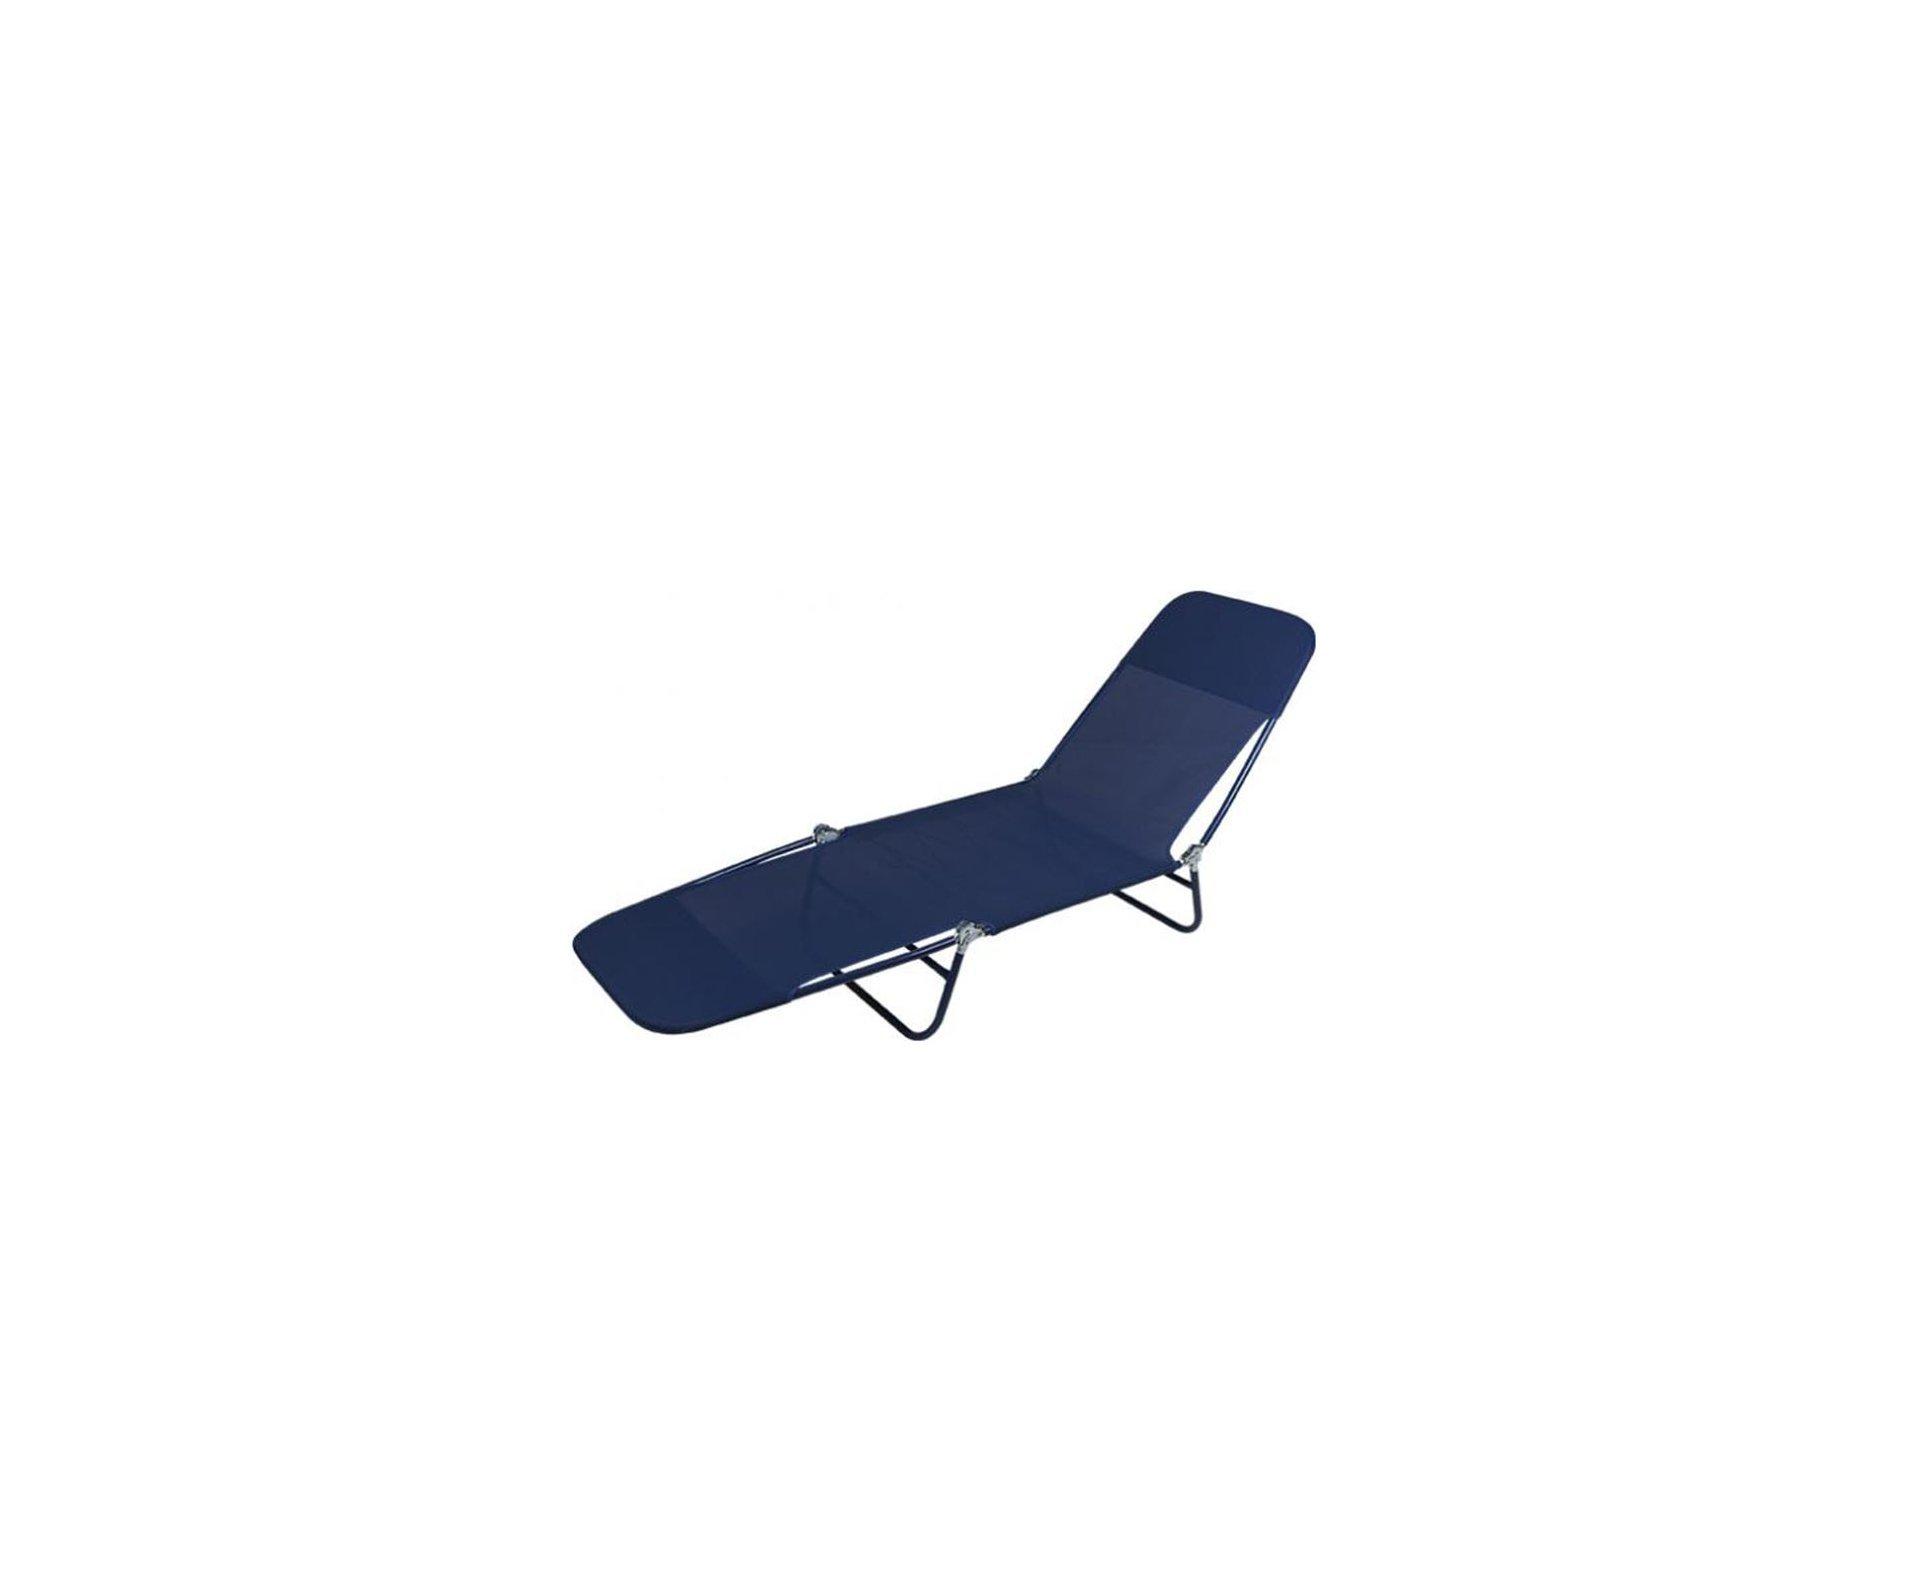 Cadeira Espreguiçadeira Textilene Fashion Azul - Mor